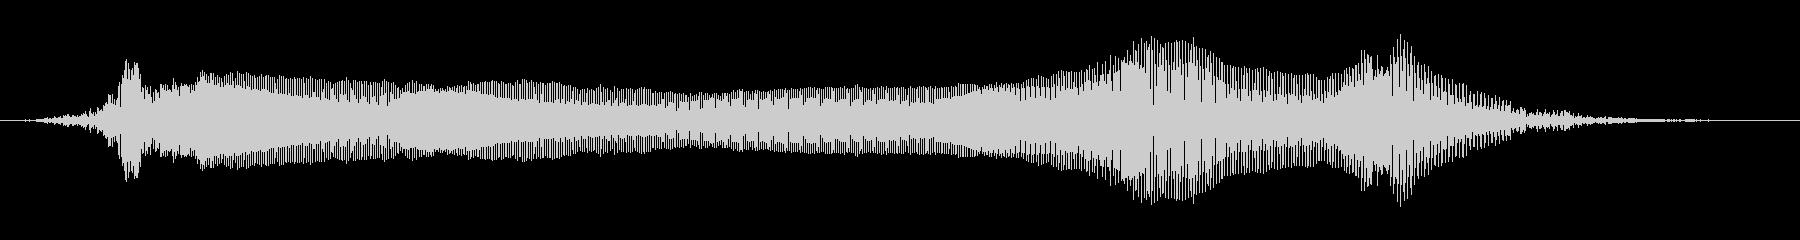 男性:うめき声とうなり声の未再生の波形